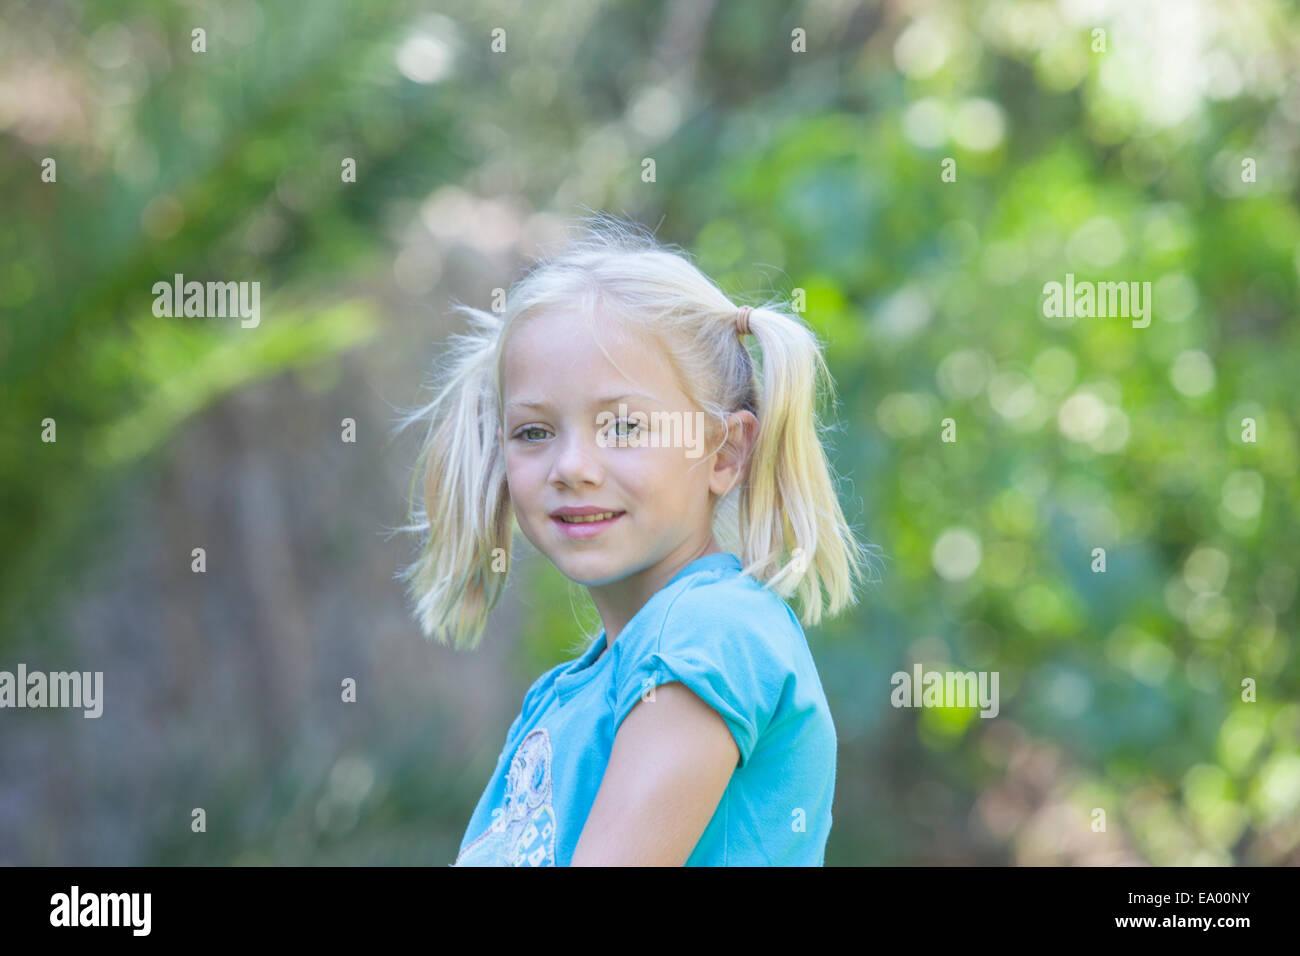 Portrait of girl looking away in garden - Stock Image